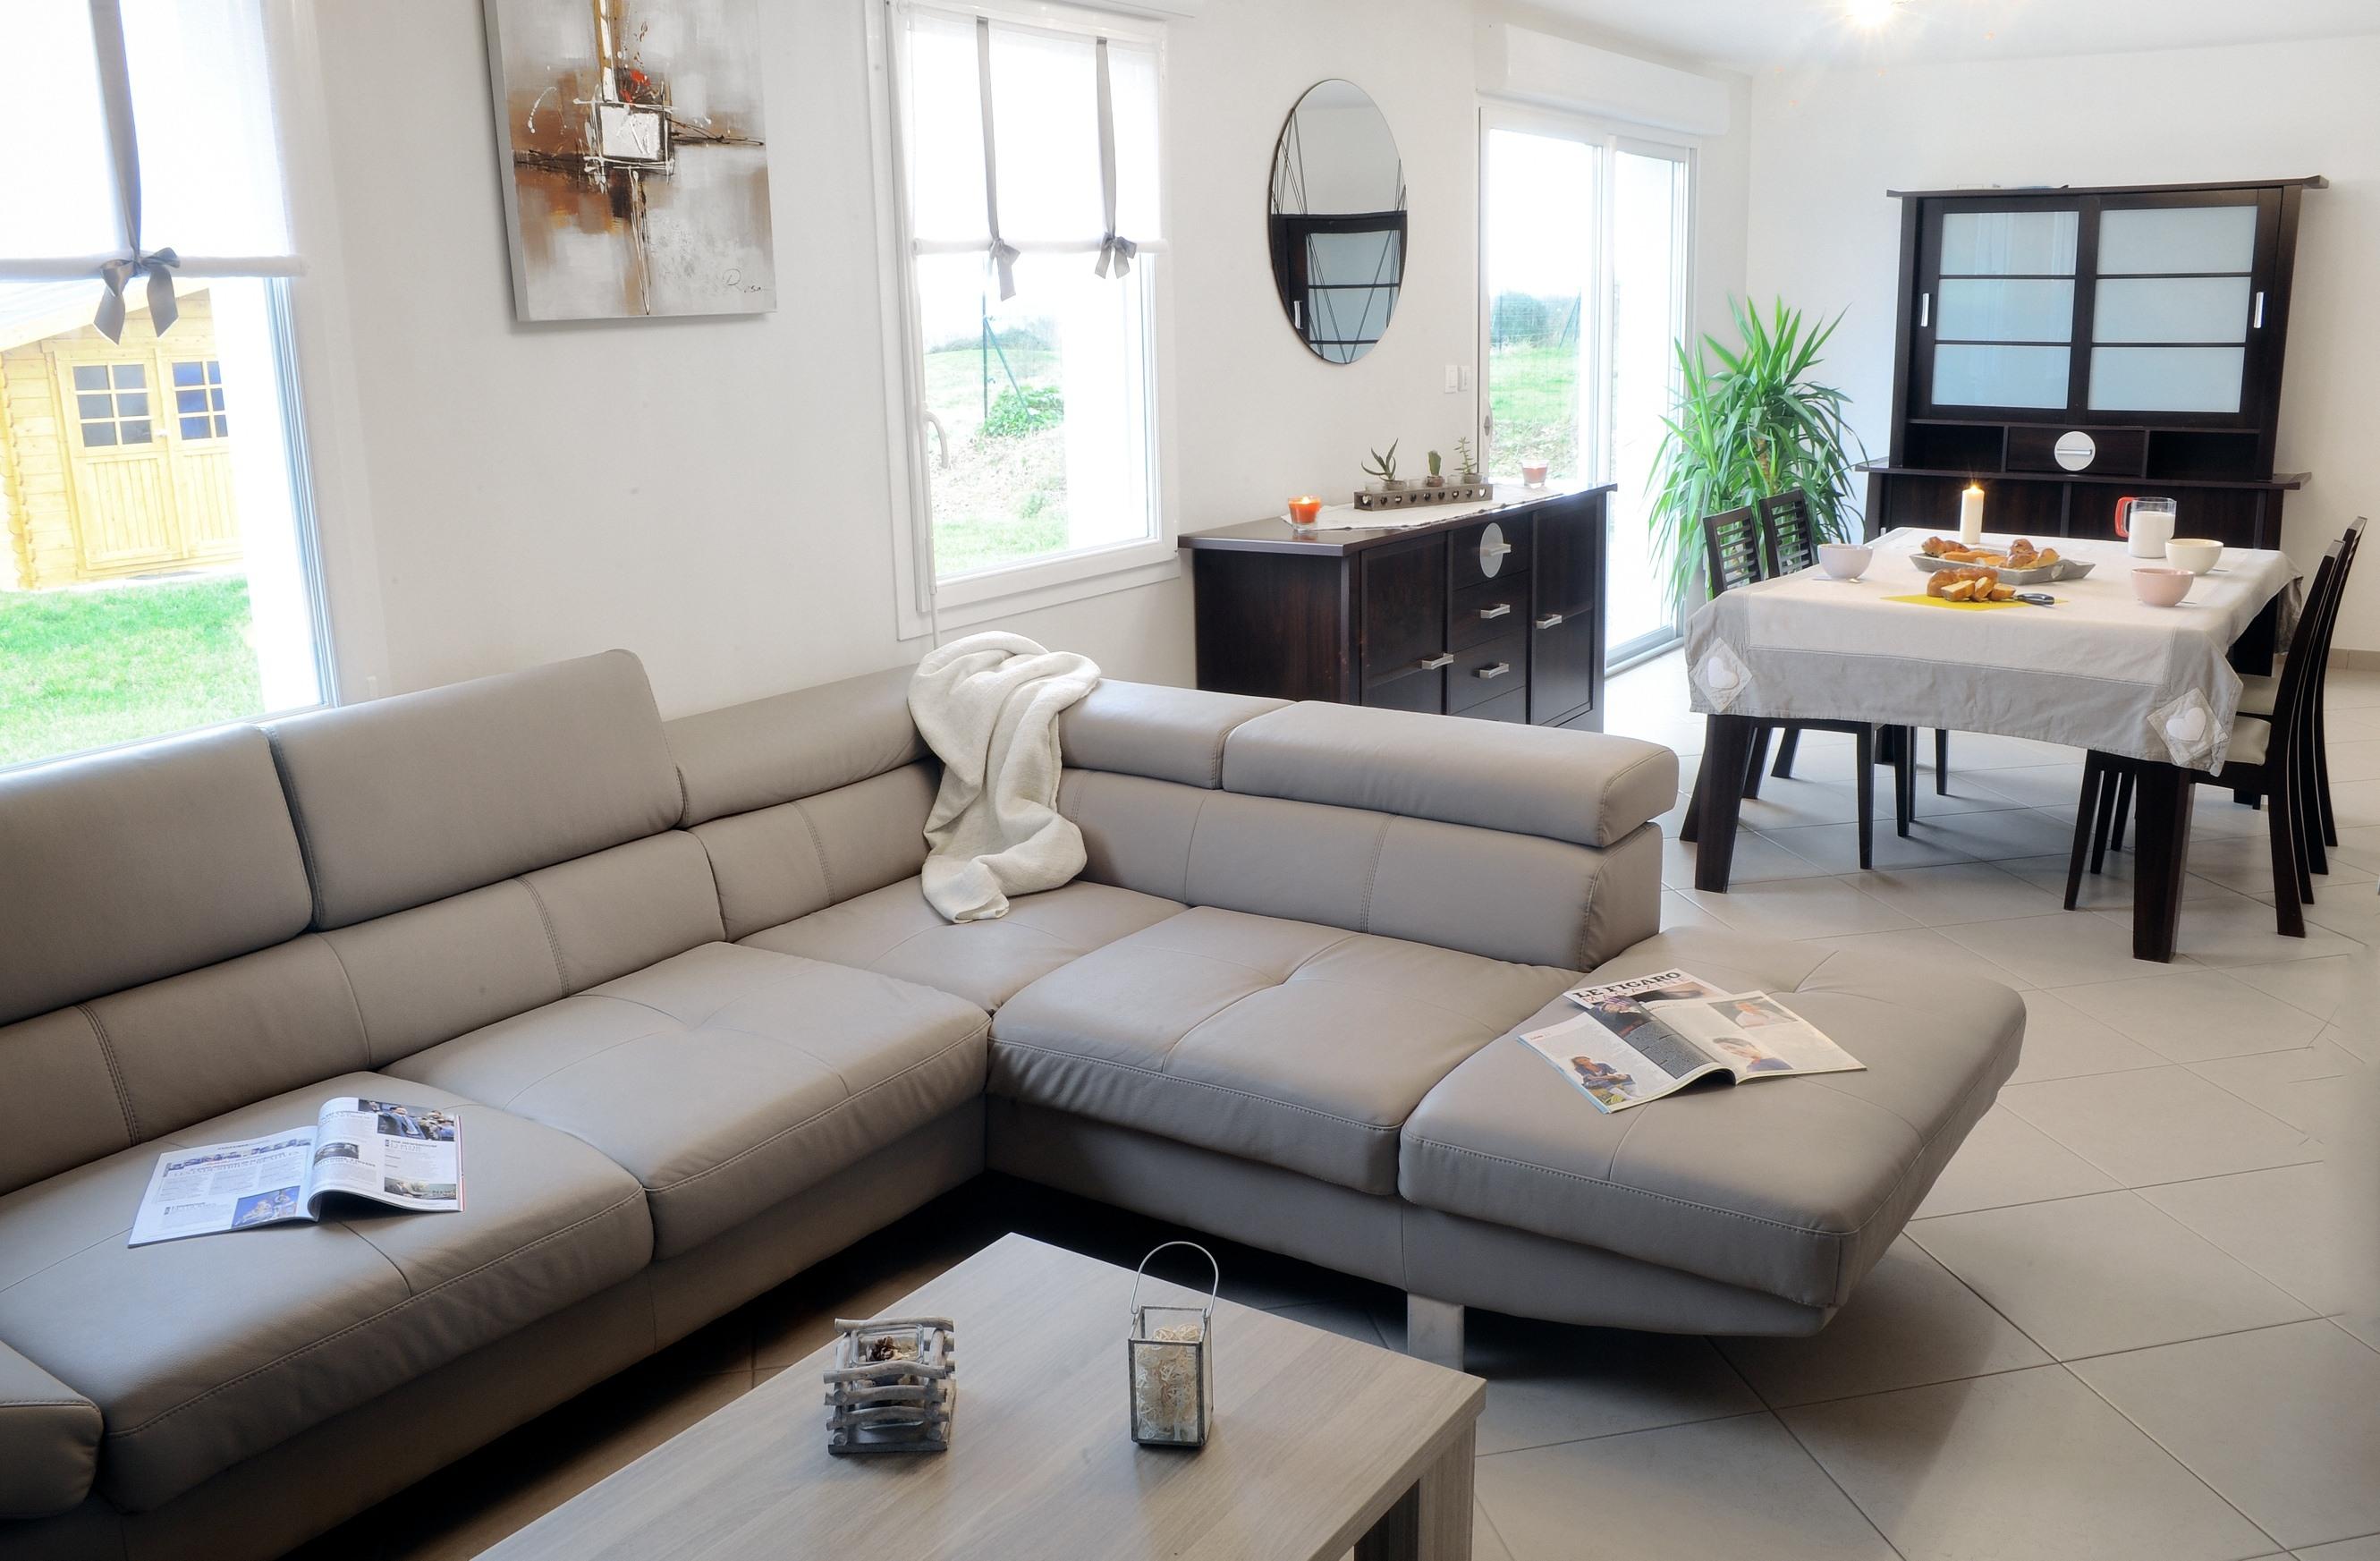 Maisons + Terrains du constructeur Maisons Phénix La-Roche-Sur-Yon • 86 m² • DOMPIERRE SUR YON